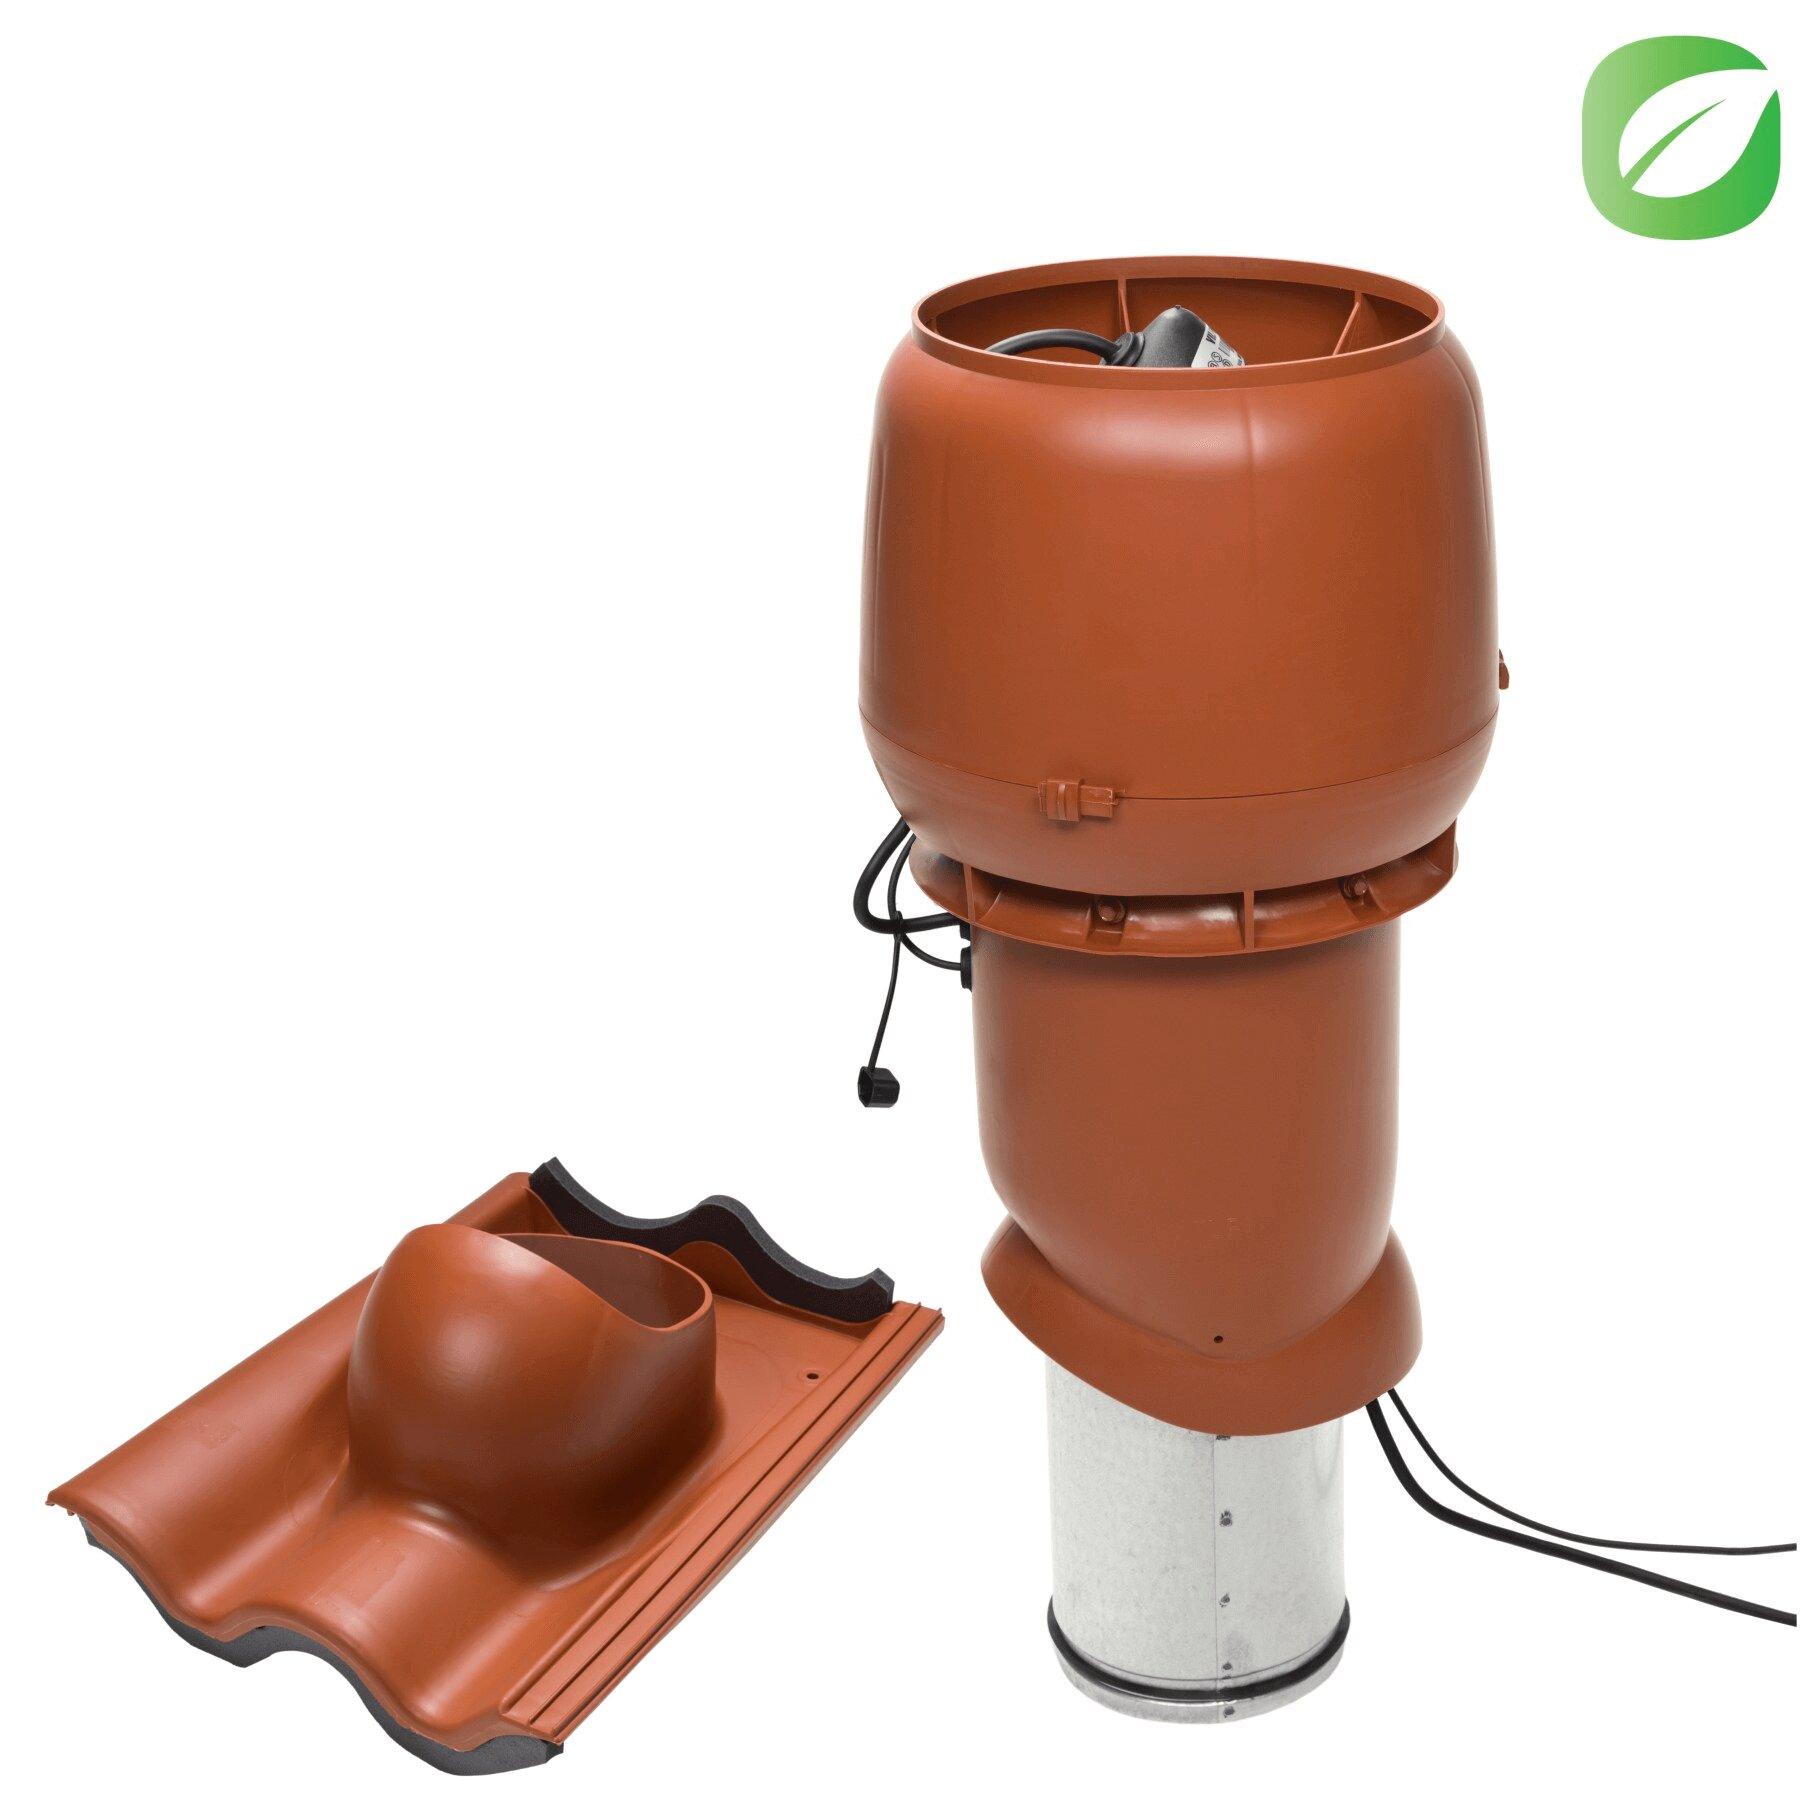 Produktbild på takmotorn Vilpe FKT220P för tvåkupig betongbanna i tegelrött utförande.